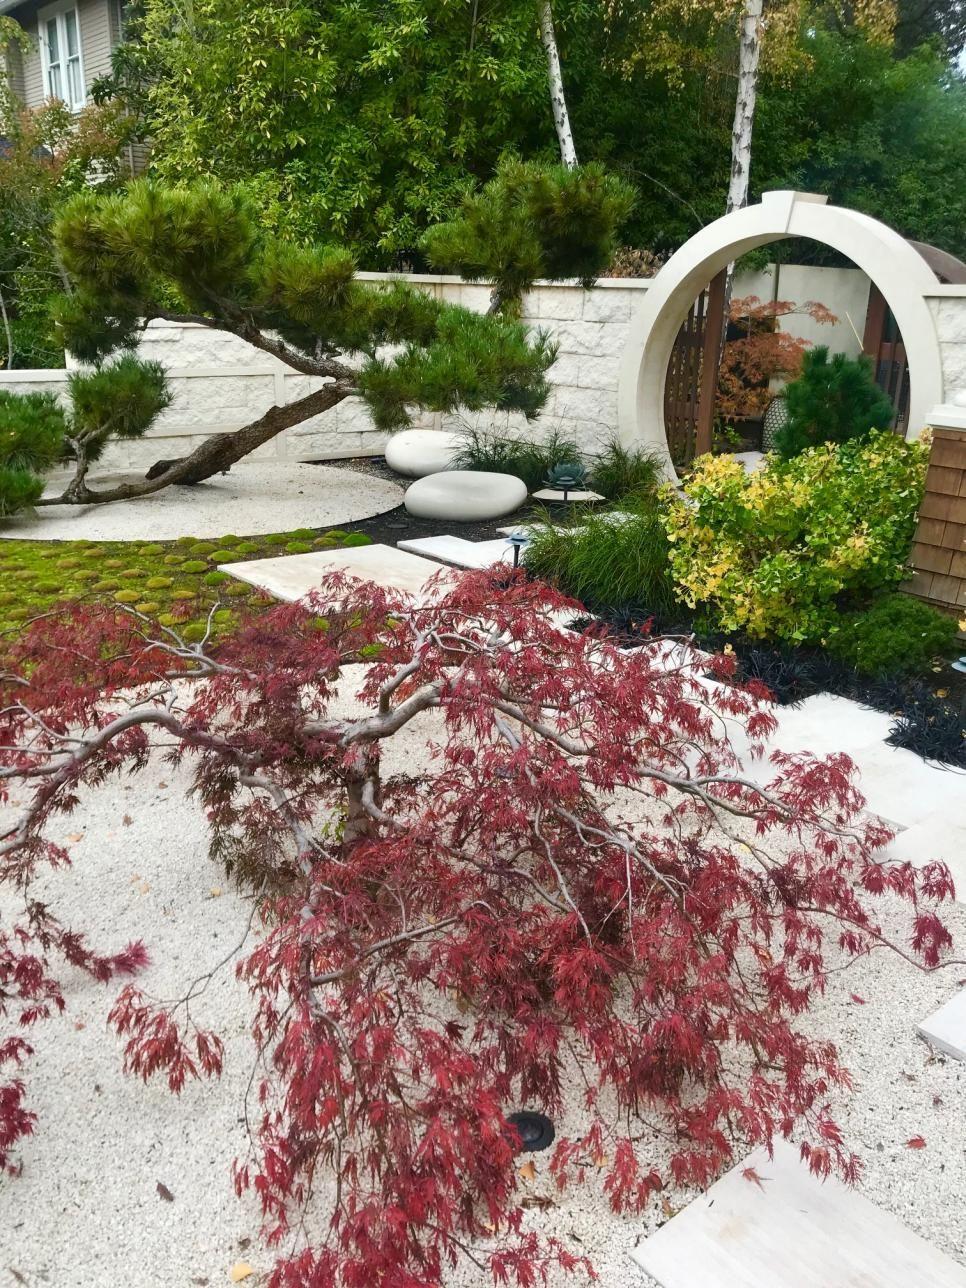 9 Admirable Clever Tips Tropical Garden Ideas Outdoor Showers Garden Ideas Backyard Pots Long Garden Ideas Seasons Modern Garden Ideas How To Build Creative Ga